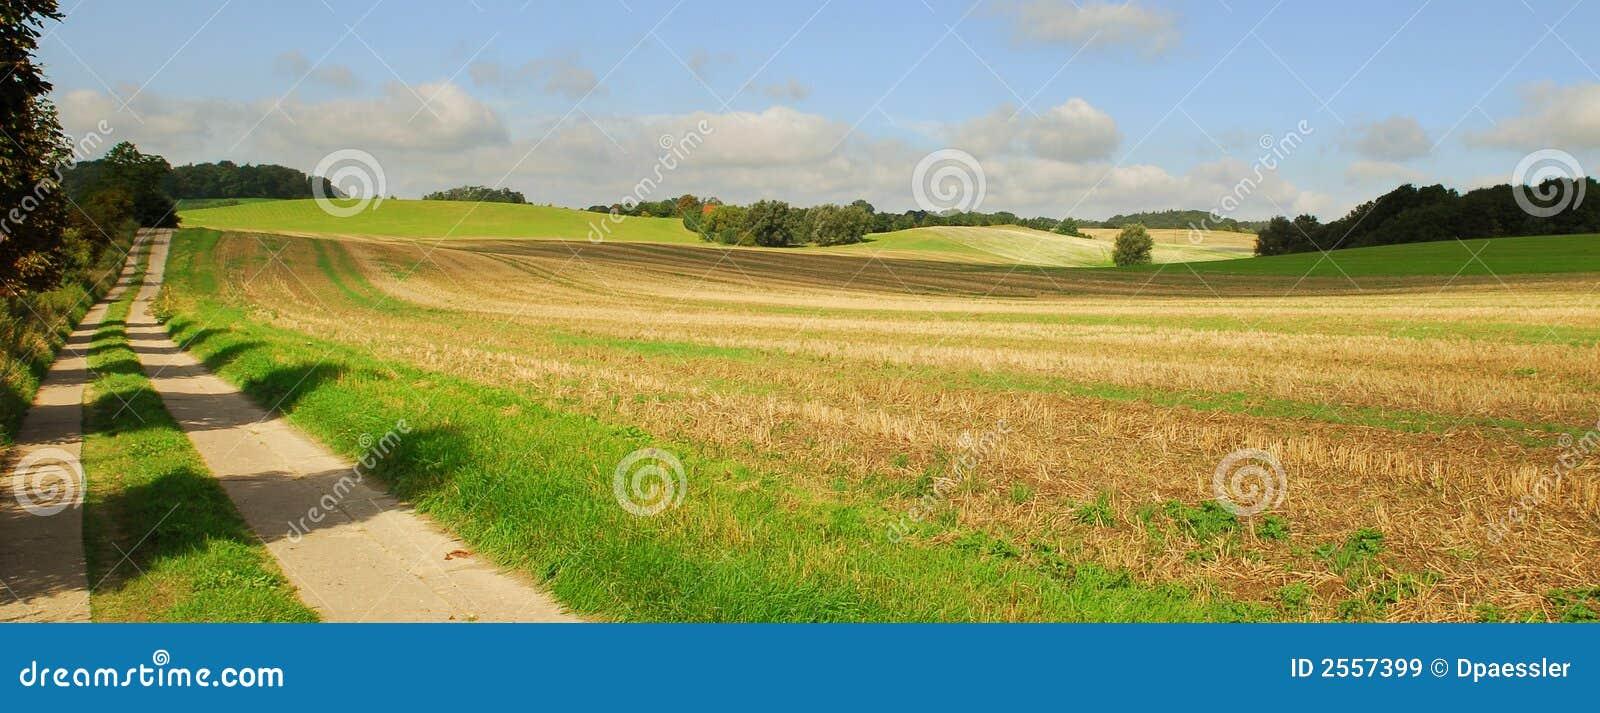 дорога поля страны открытая